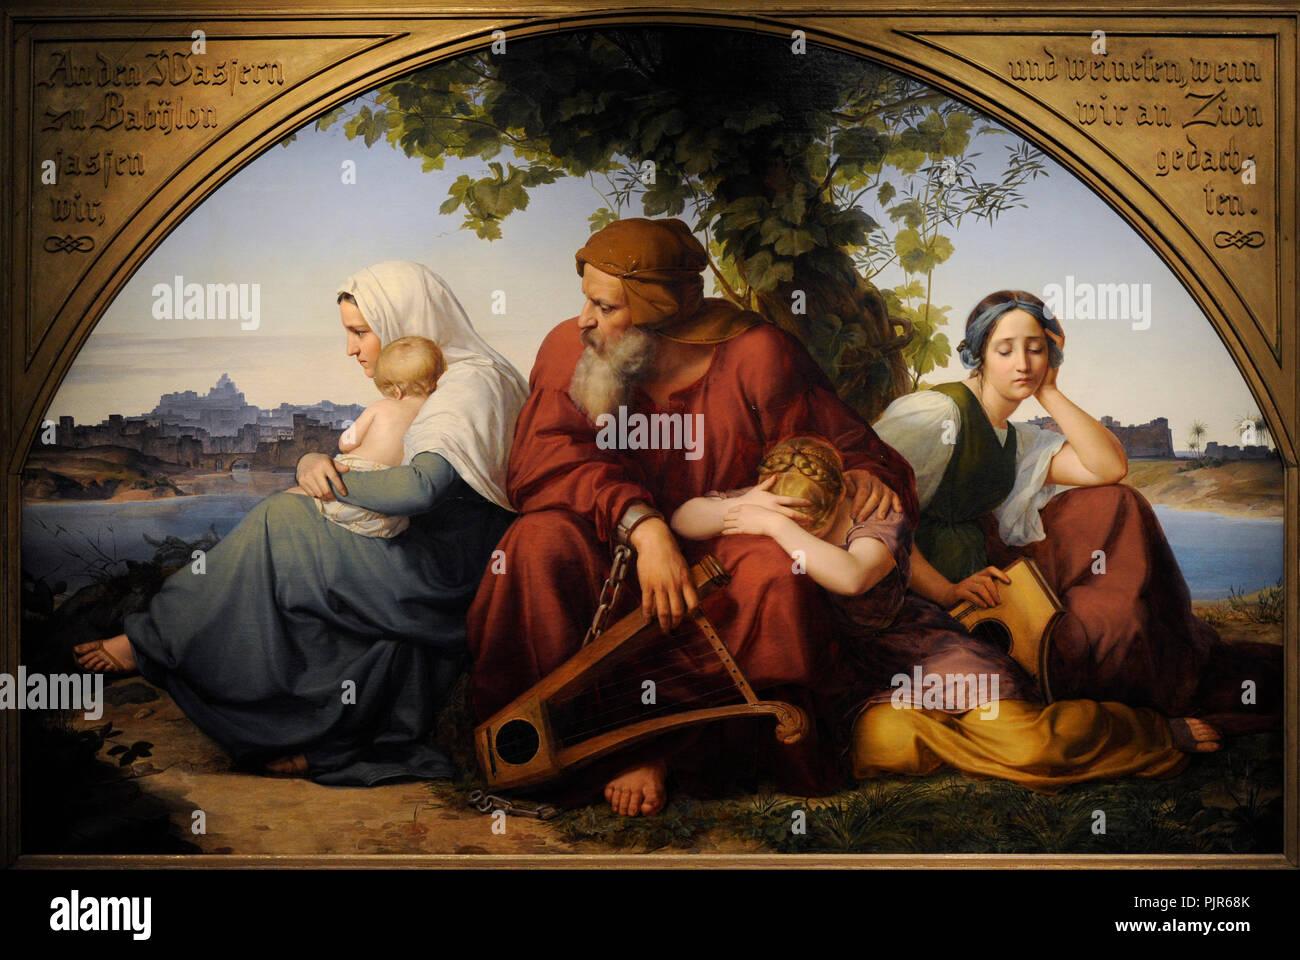 Eduard Bendemann (1811-1889). Peintre allemand. Deuil juifs en exil à Babylone, 1832. Musée Wallraf-Richartz. Cologne. L'Allemagne. Banque D'Images